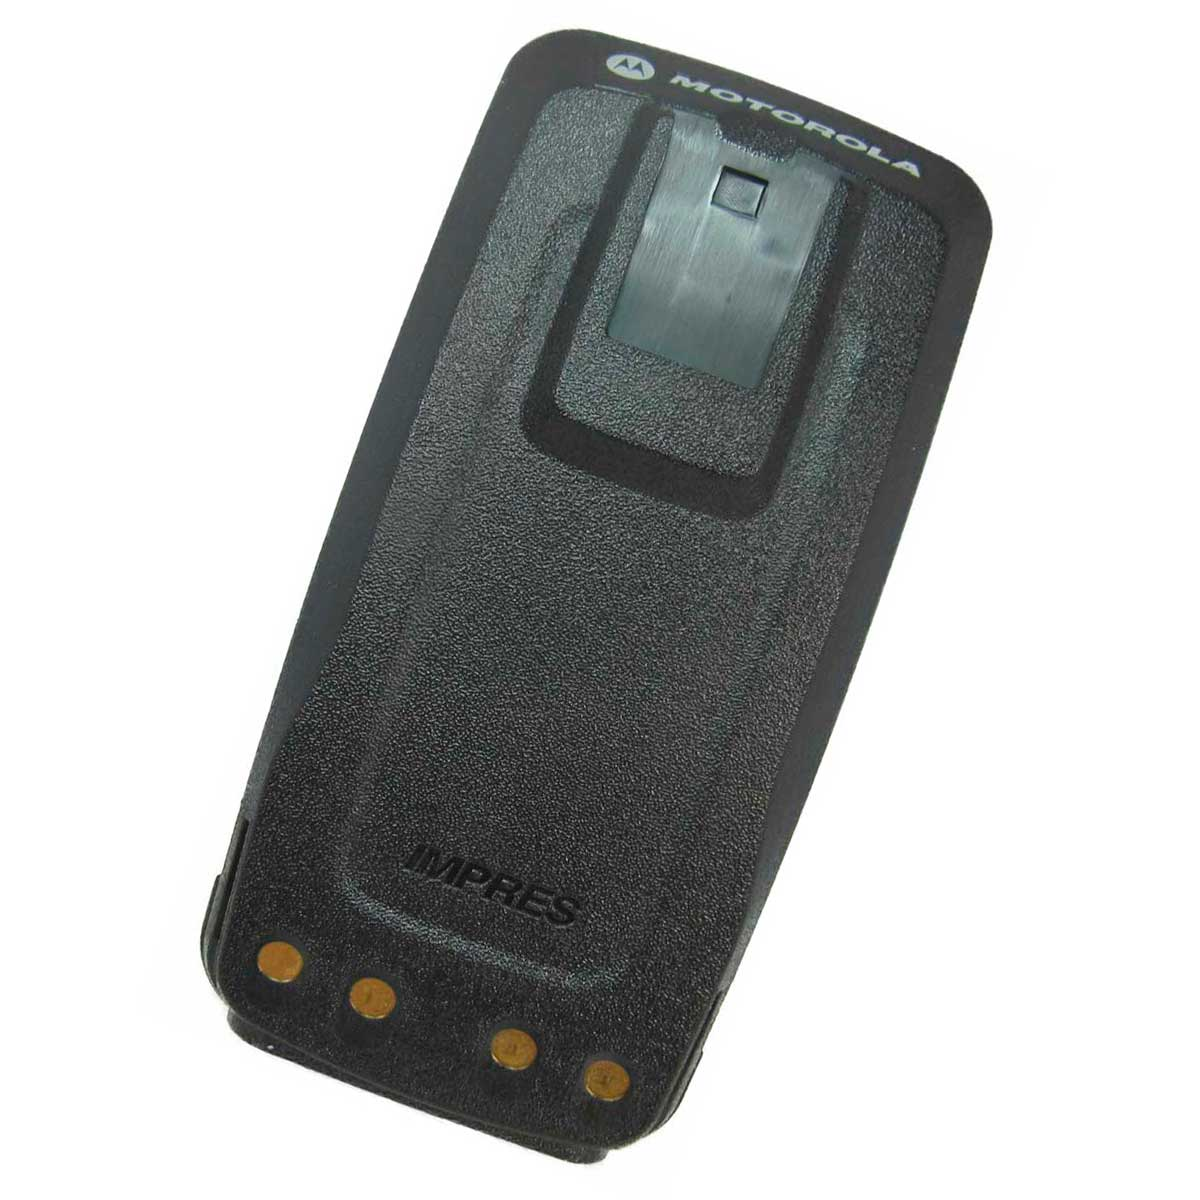 Batería Li-Ion 1400mAh Motorola de Alta Capacidad PMNN4069 IMPRES